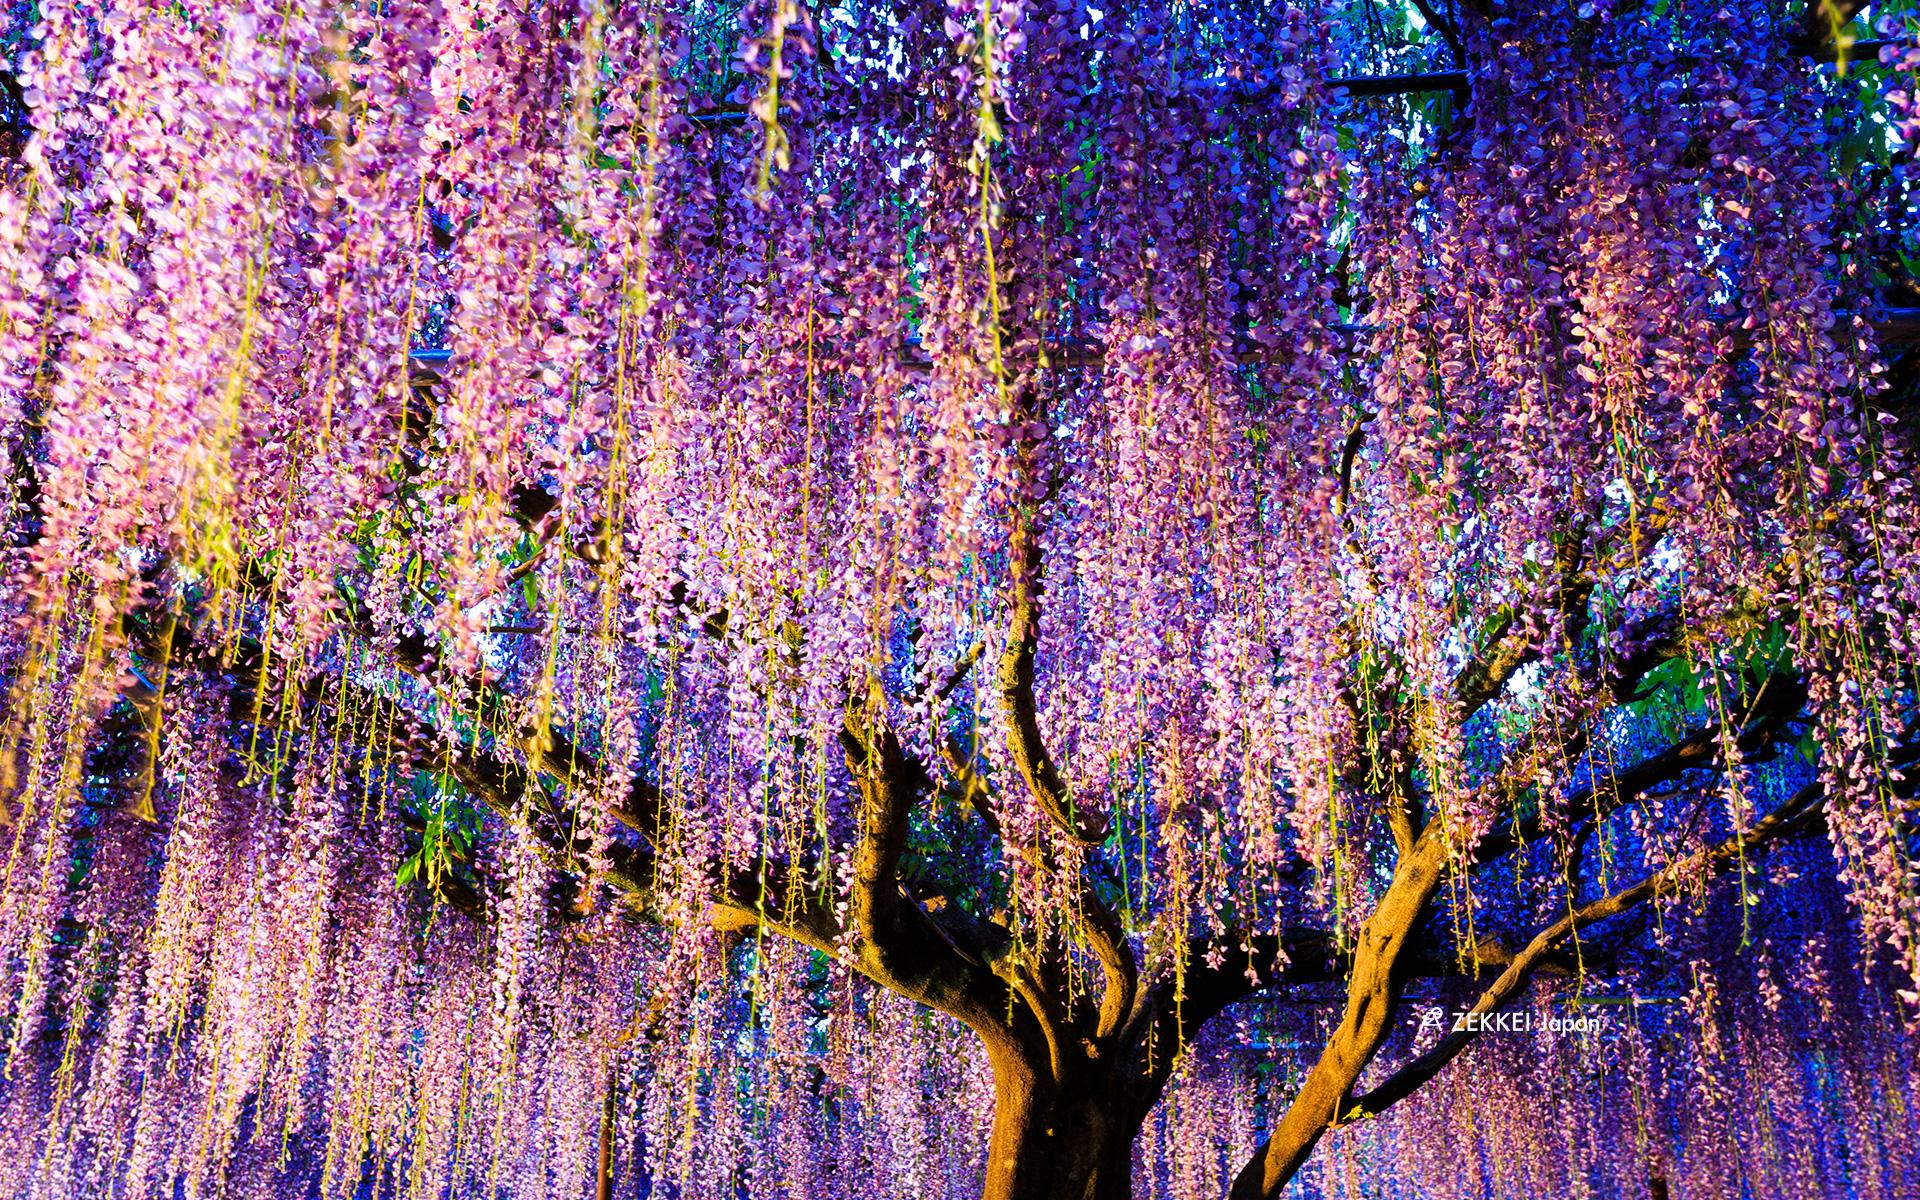 絶景壁紙 幻想的な藤の壁紙をあなたの待ち受けに Zekkei Japan